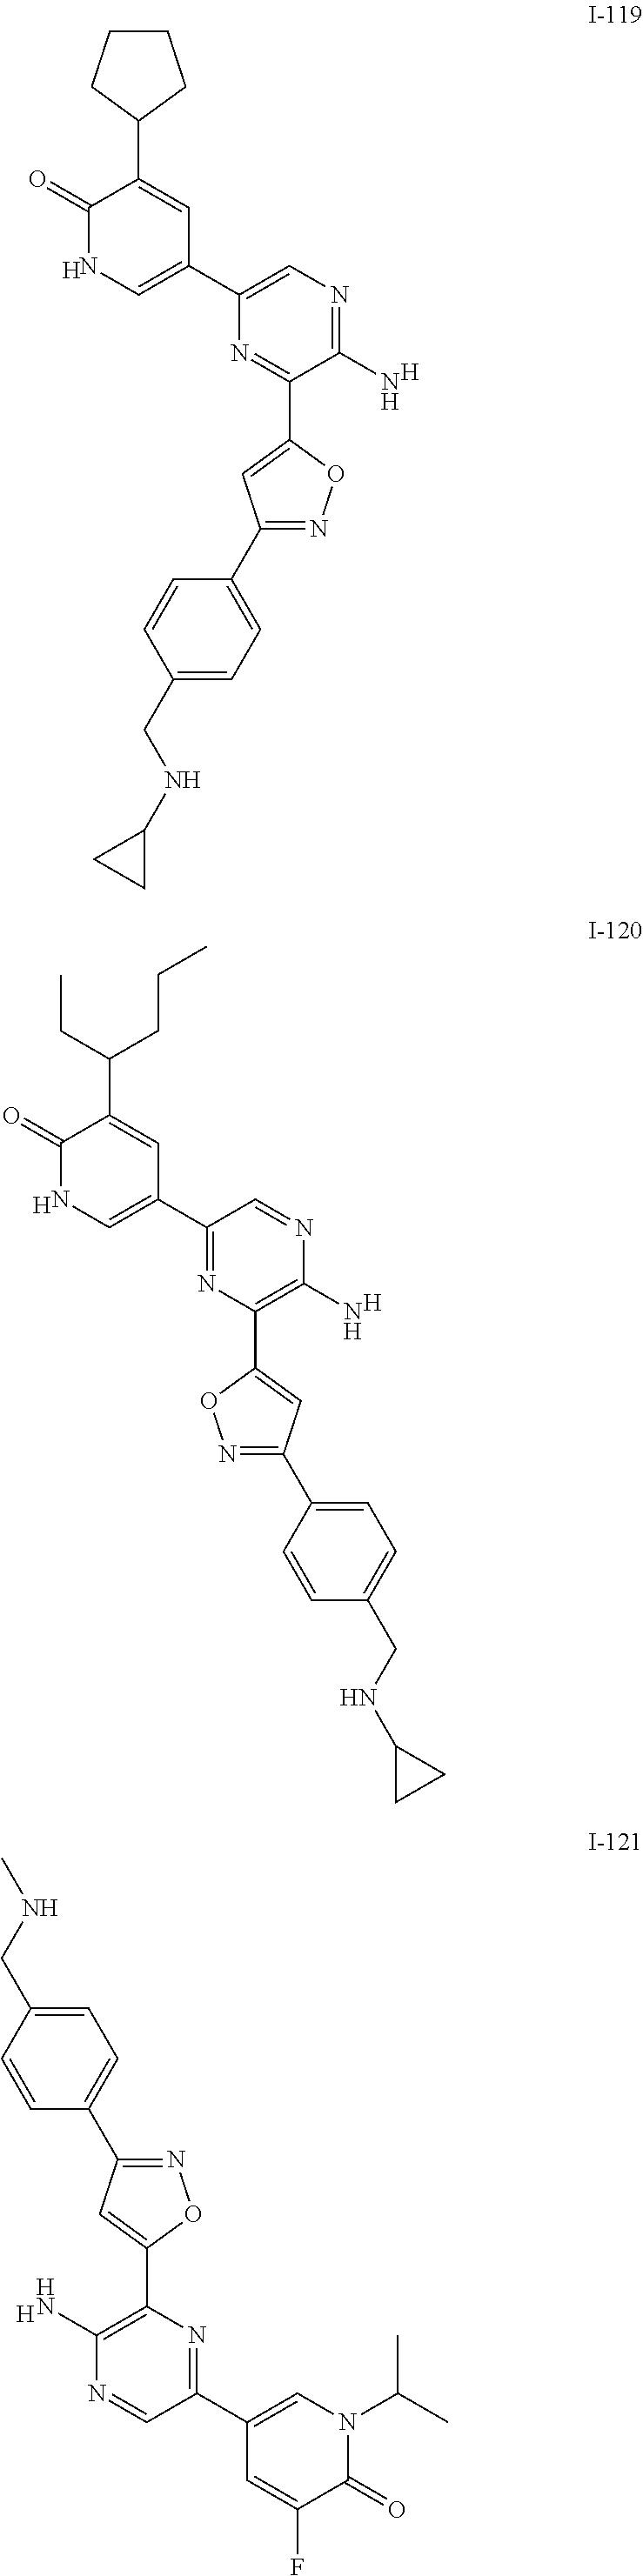 Figure US09630956-20170425-C00258